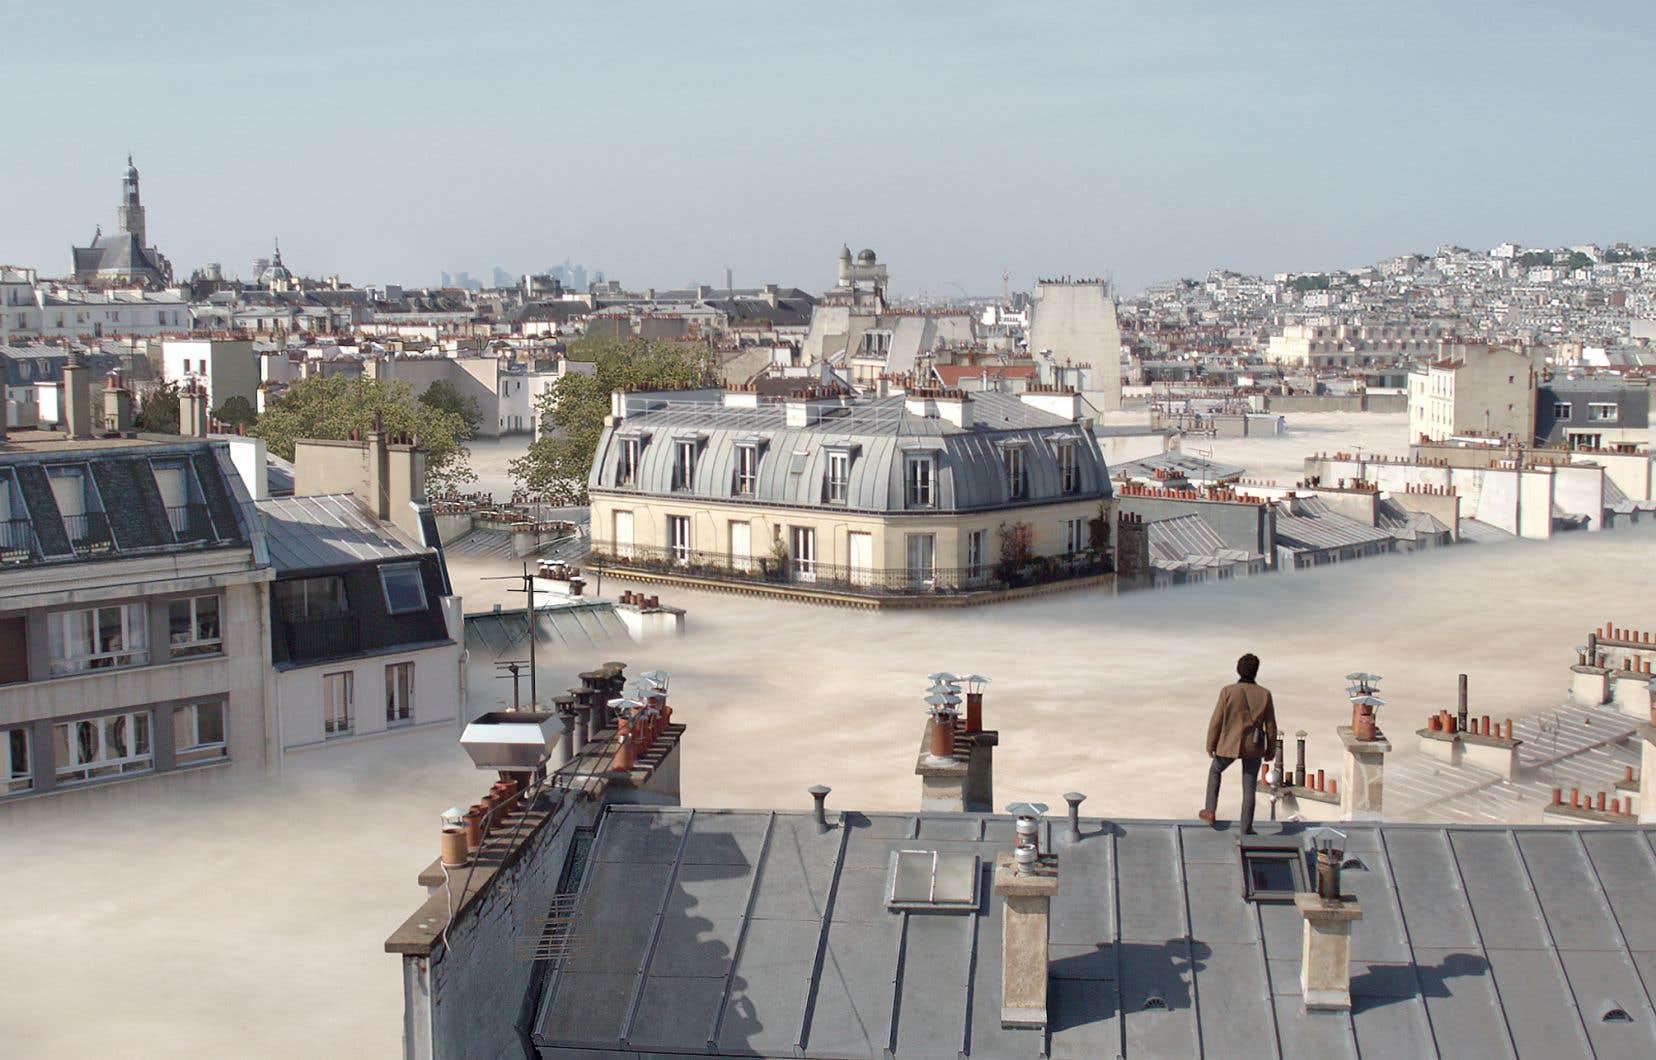 Le Mathieu de «Dans la brume», incarné par l'acteur, fait partie des rares survivants d'une catastrophe mystérieuse: un brouillard épais et mortel a envahi les rues de la capitale française, forçant les rescapés à prendre de la hauteur.